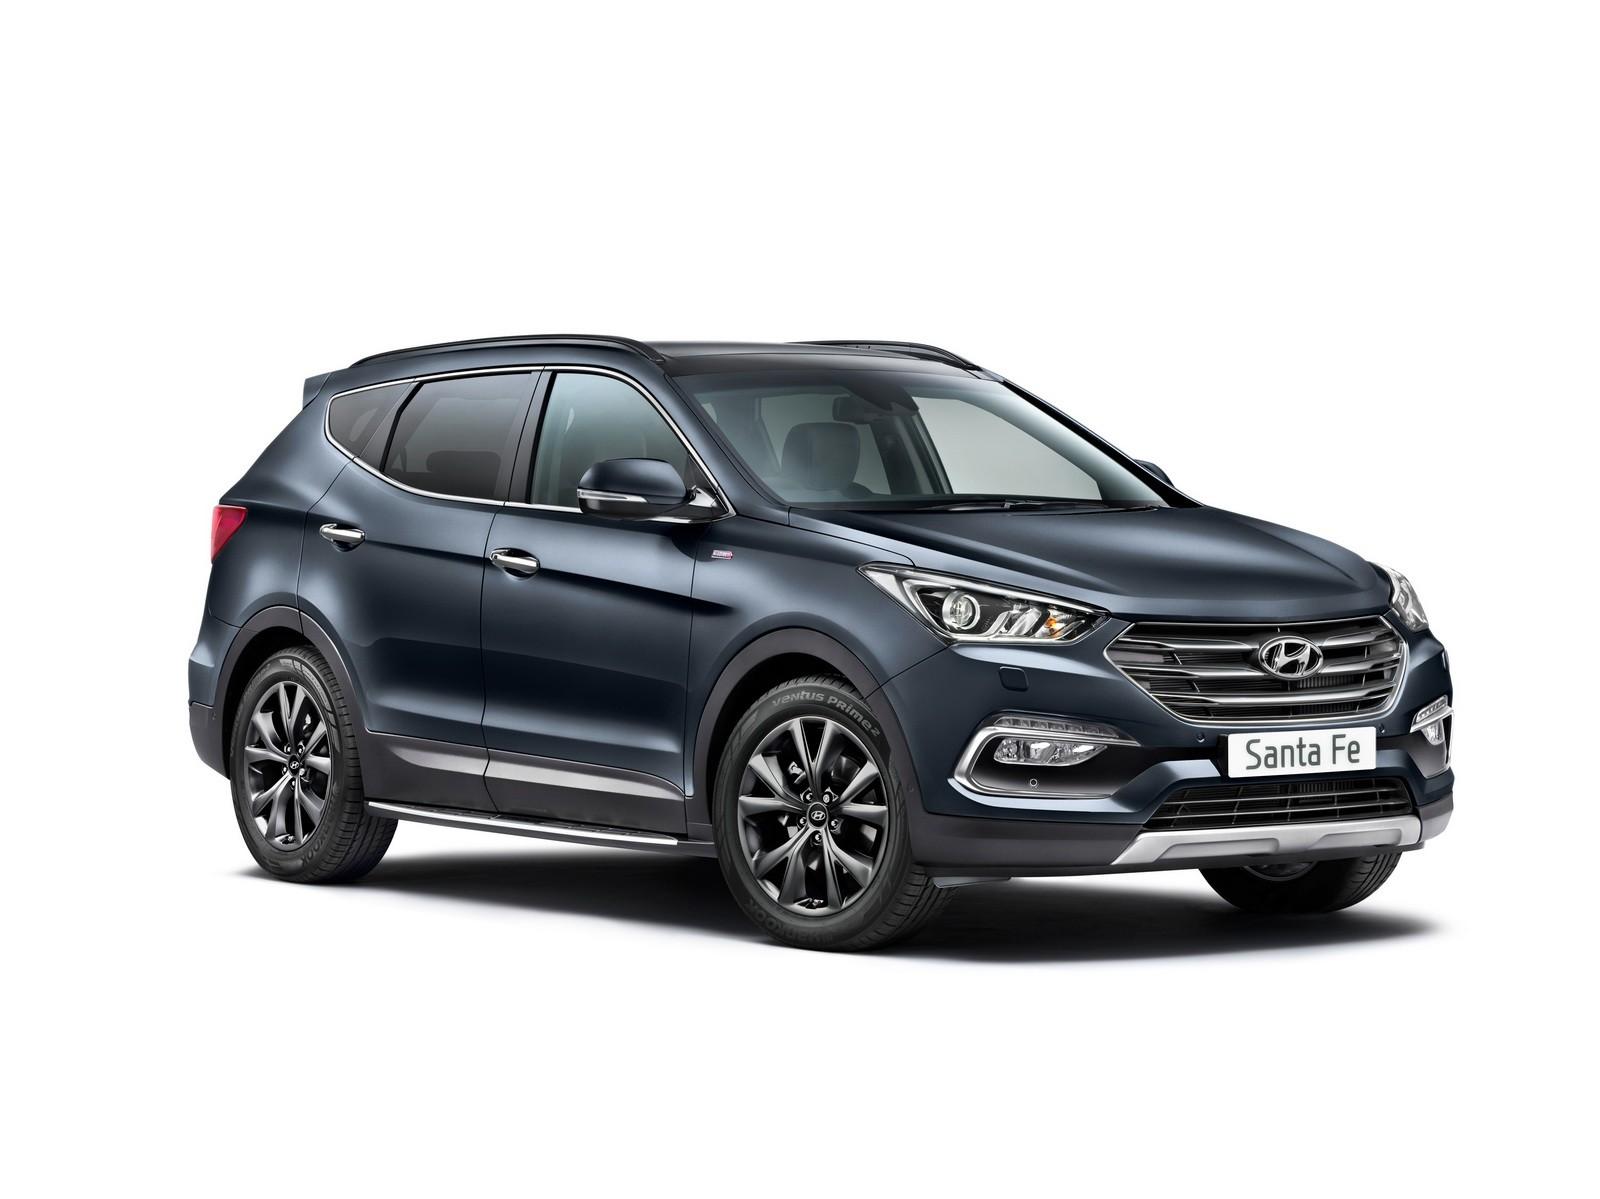 Hyundai SantaFe bản đặc biệt tại Anh có gì mới?